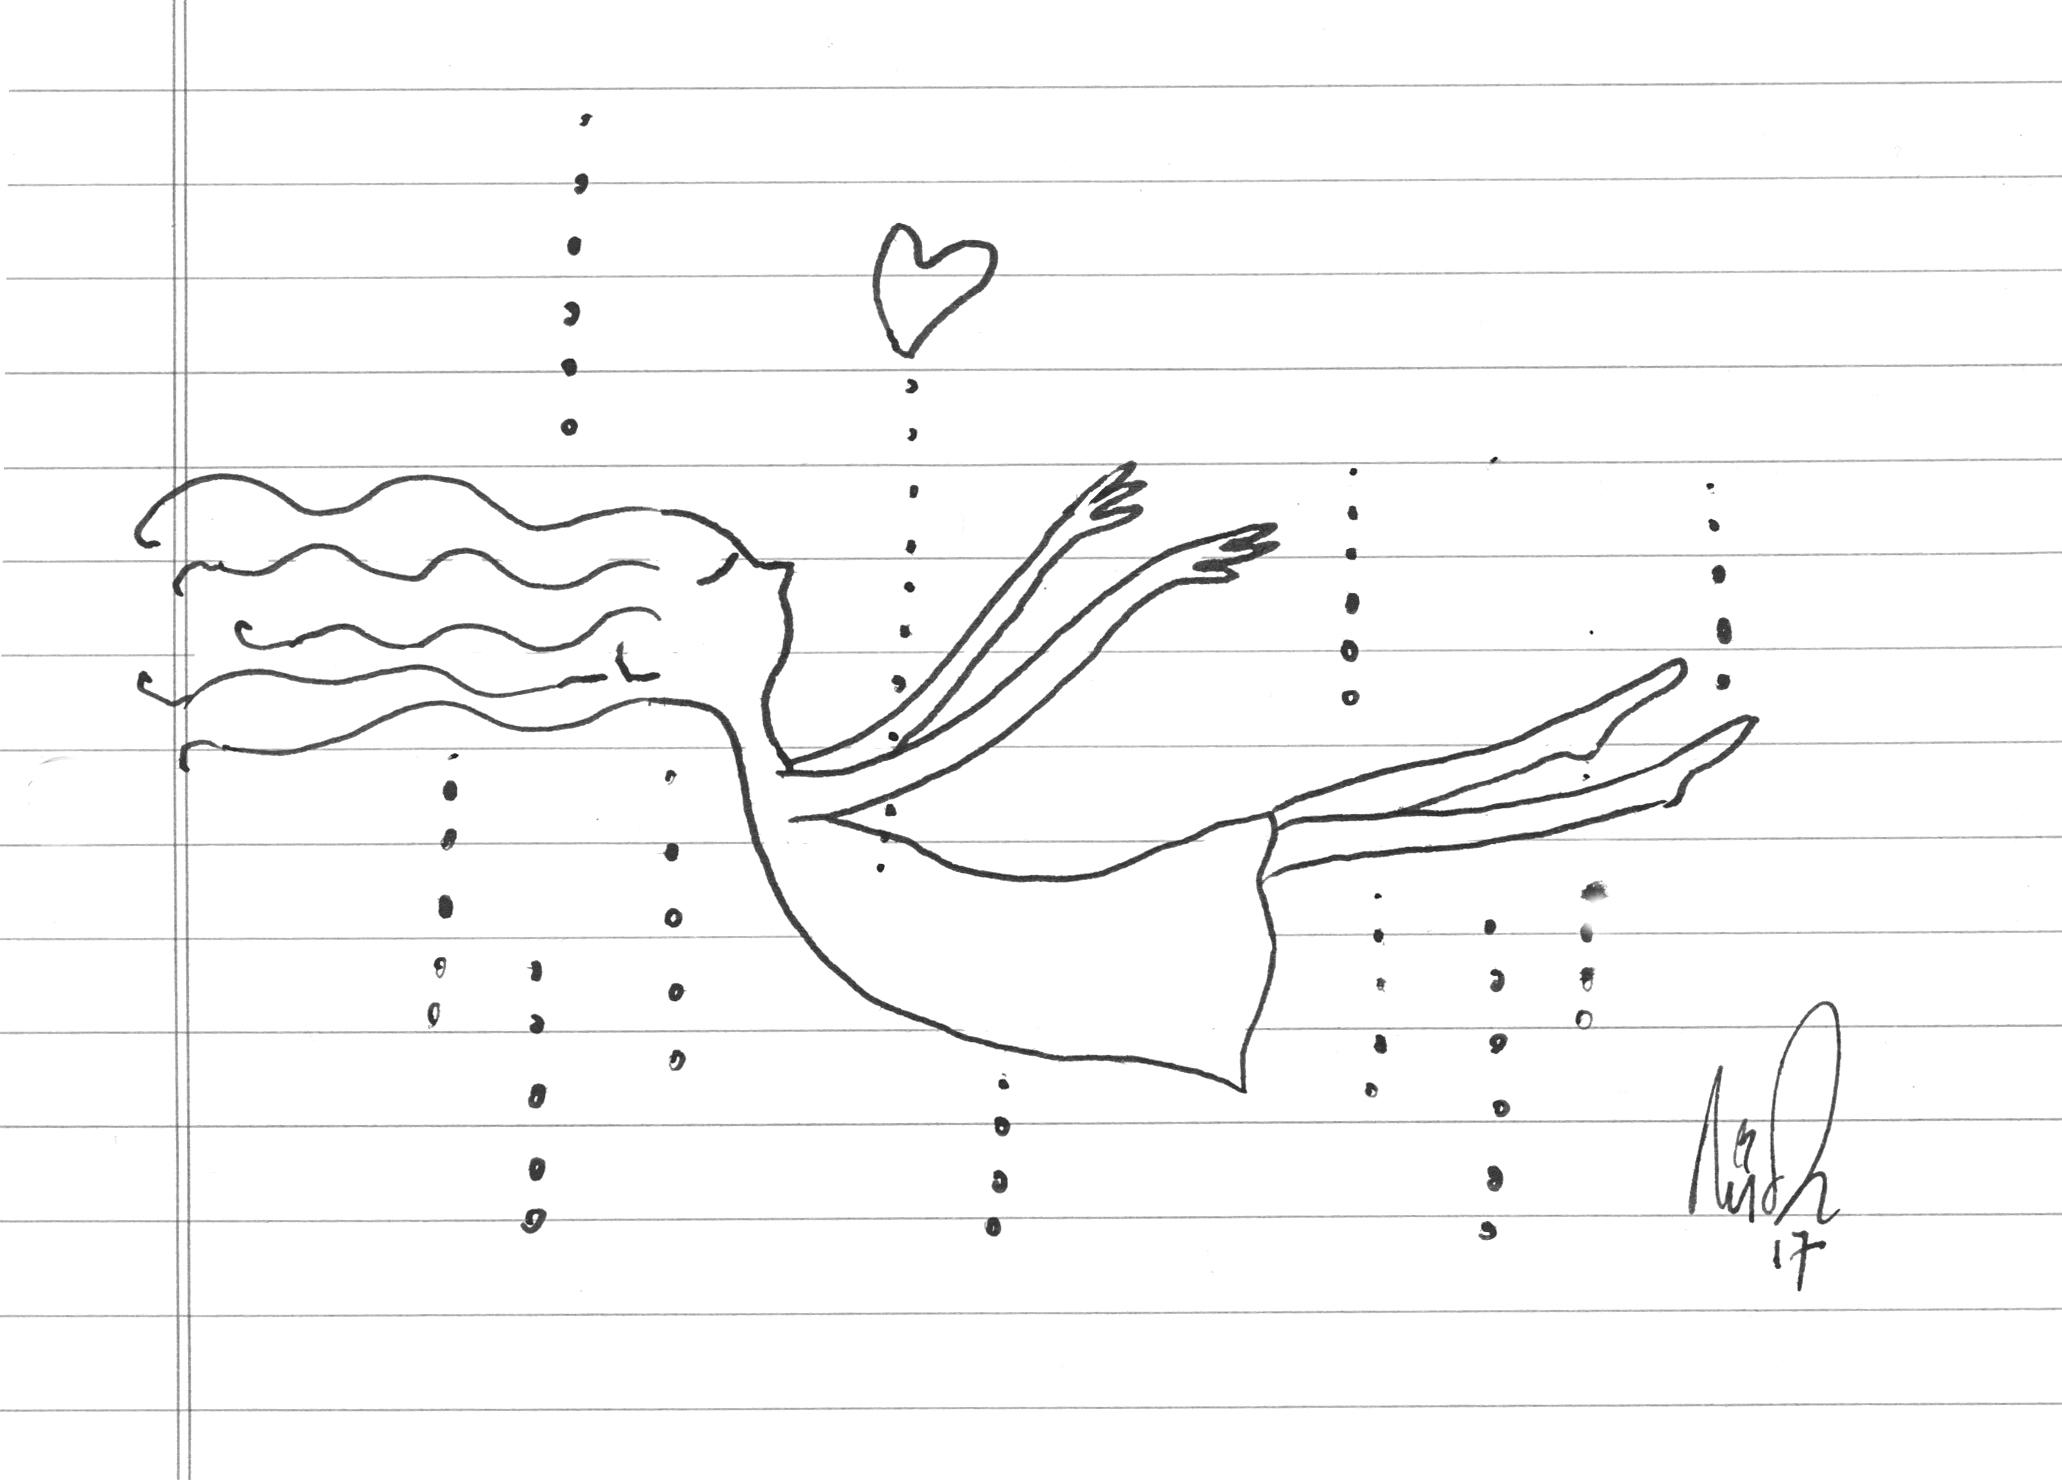 a sketch per day10-2-17